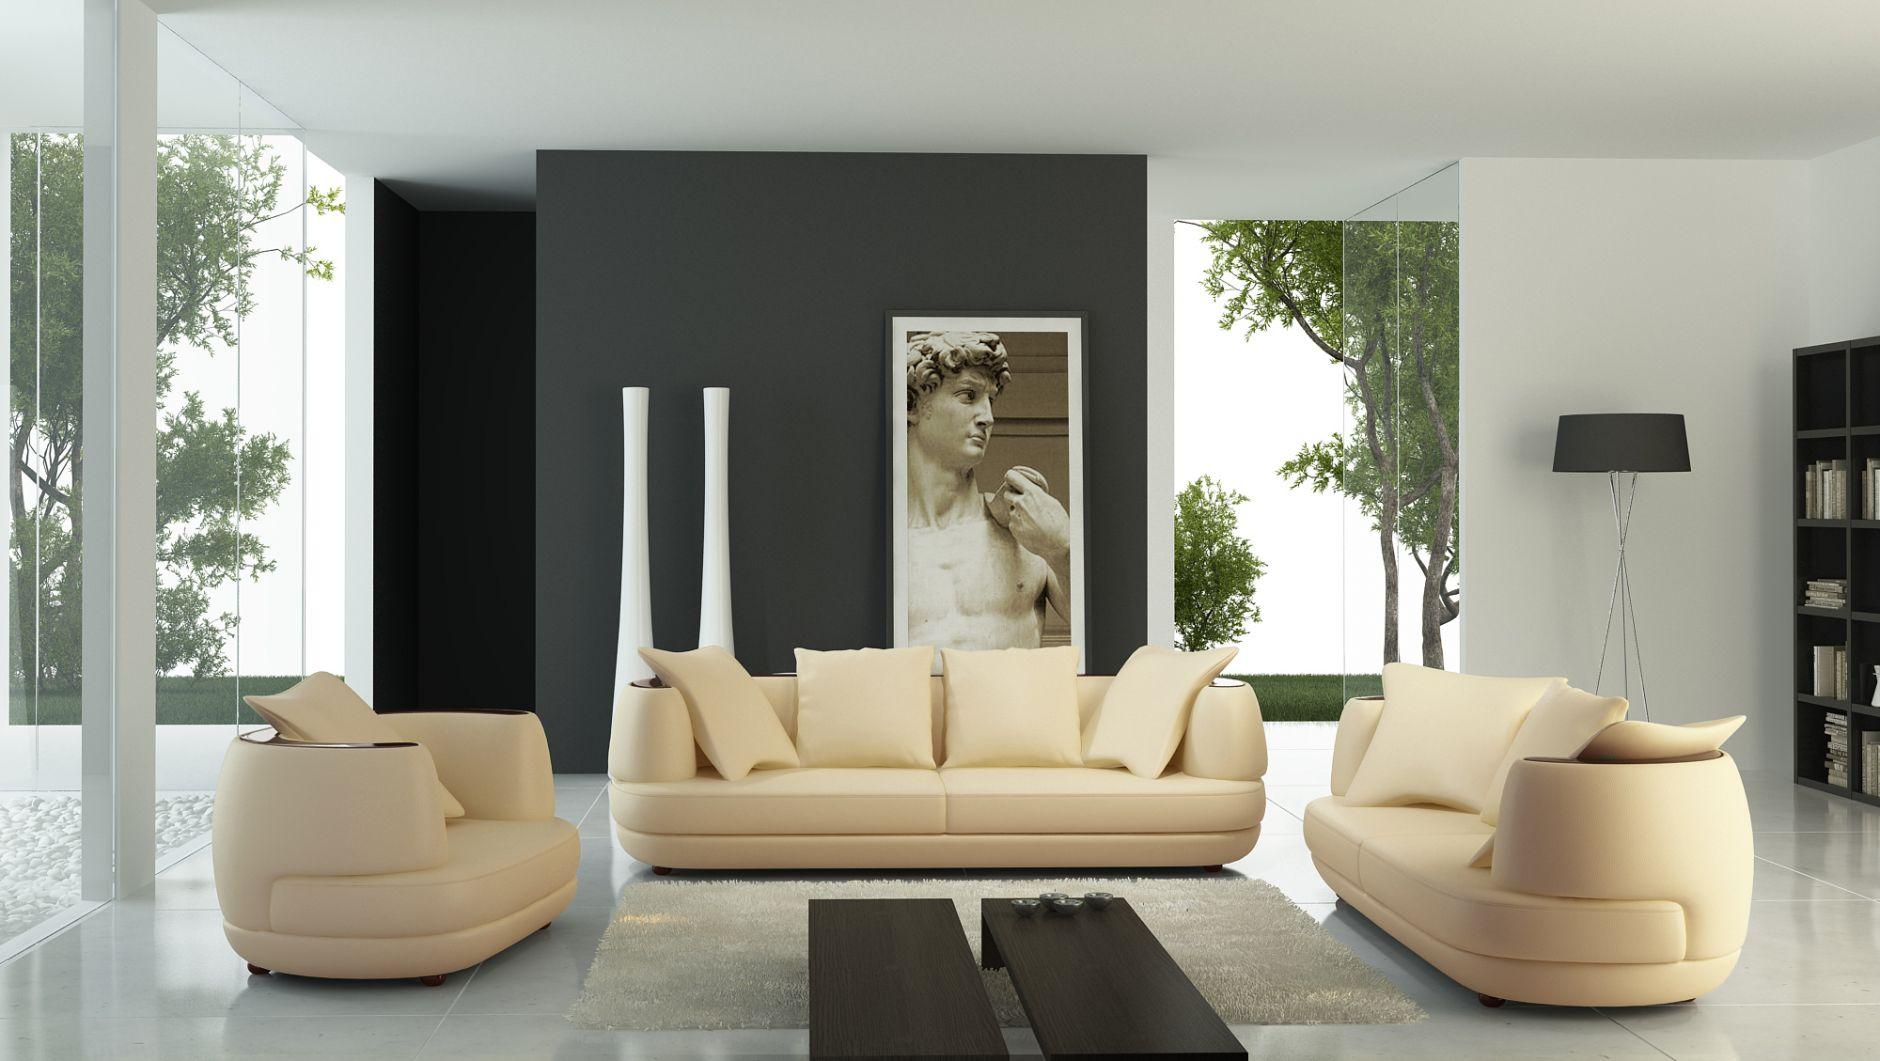 polsterm bel polsterm bel modell 106die m bel aus italien. Black Bedroom Furniture Sets. Home Design Ideas